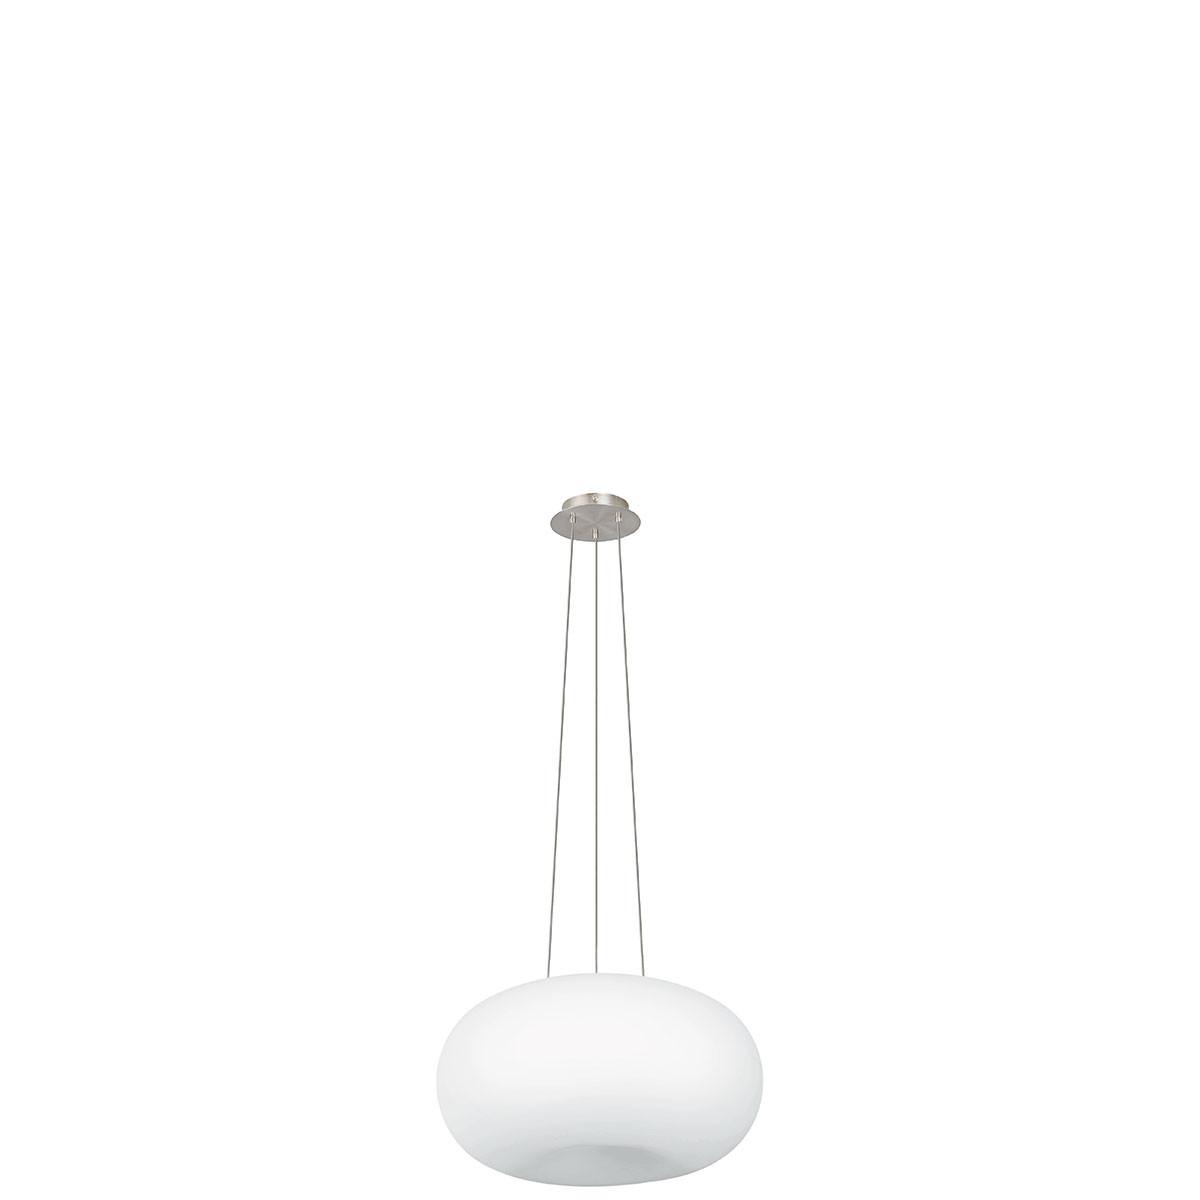 Φωτιστικό Οροφής Δίφωτο Eglo Optica 86815